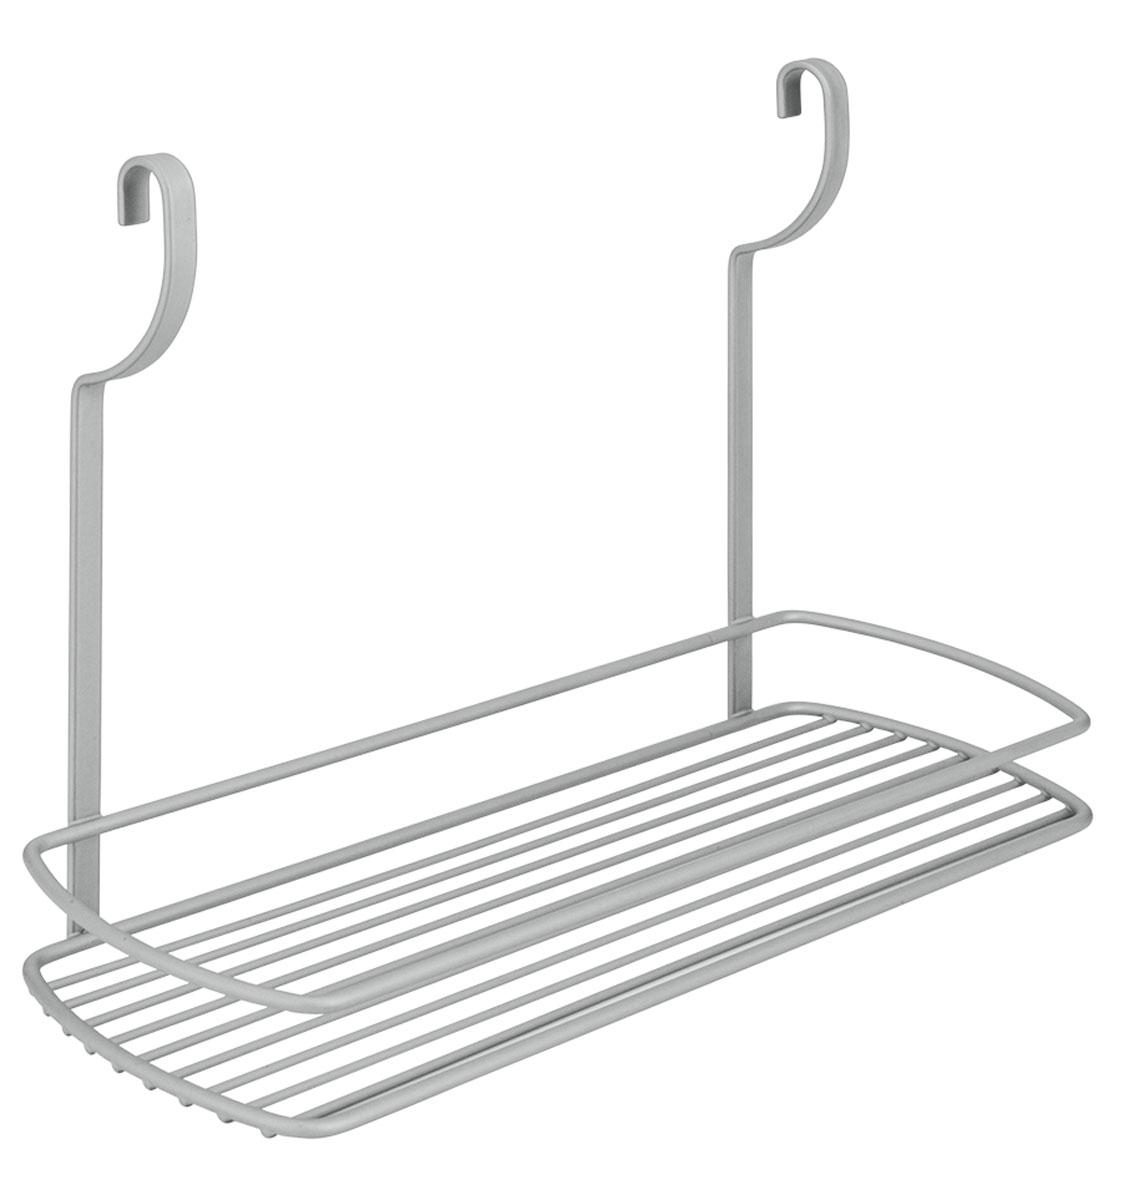 Полка навесная Metaltex City, 35 х 13 х 26 смSC-FD421004Навесная полка Metaltex City изготовлена из стали и покрыта новым полимерным покрытием Frost Polytherm. Такая полка не только экономит место на вашей кухне, но и обеспечивает наглядность, порядок и удобный доступ к кухонным принадлежностям.Современный дизайн делает ее практичным и стильным домашним аксессуаром. Она пригодится для хранения различных кухонных или других принадлежностей, которые всегда будут под рукой.Полка устанавливается на рейлинг с помощь двух крючков.